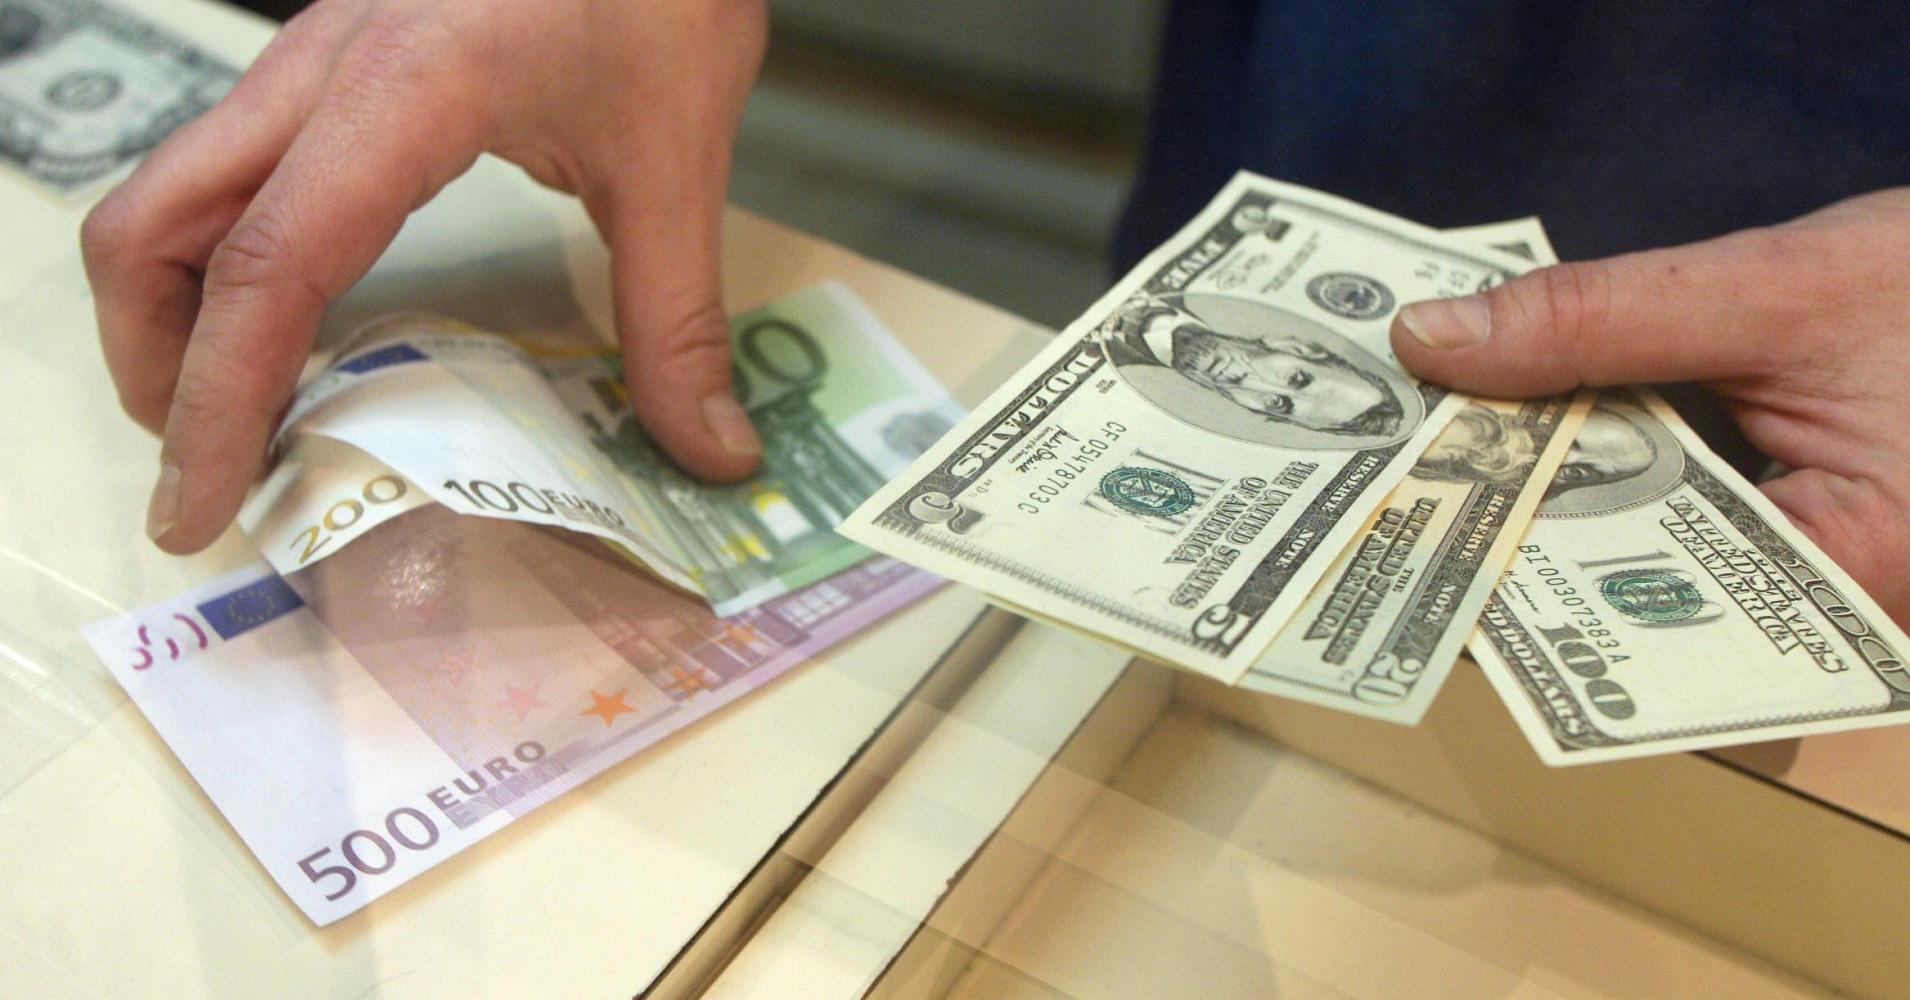 قیمت دلار در بازار امروز پنج شنبه ۱۳ آذرماه ۹۹/ افت شاخص ارزی در پایان هفته